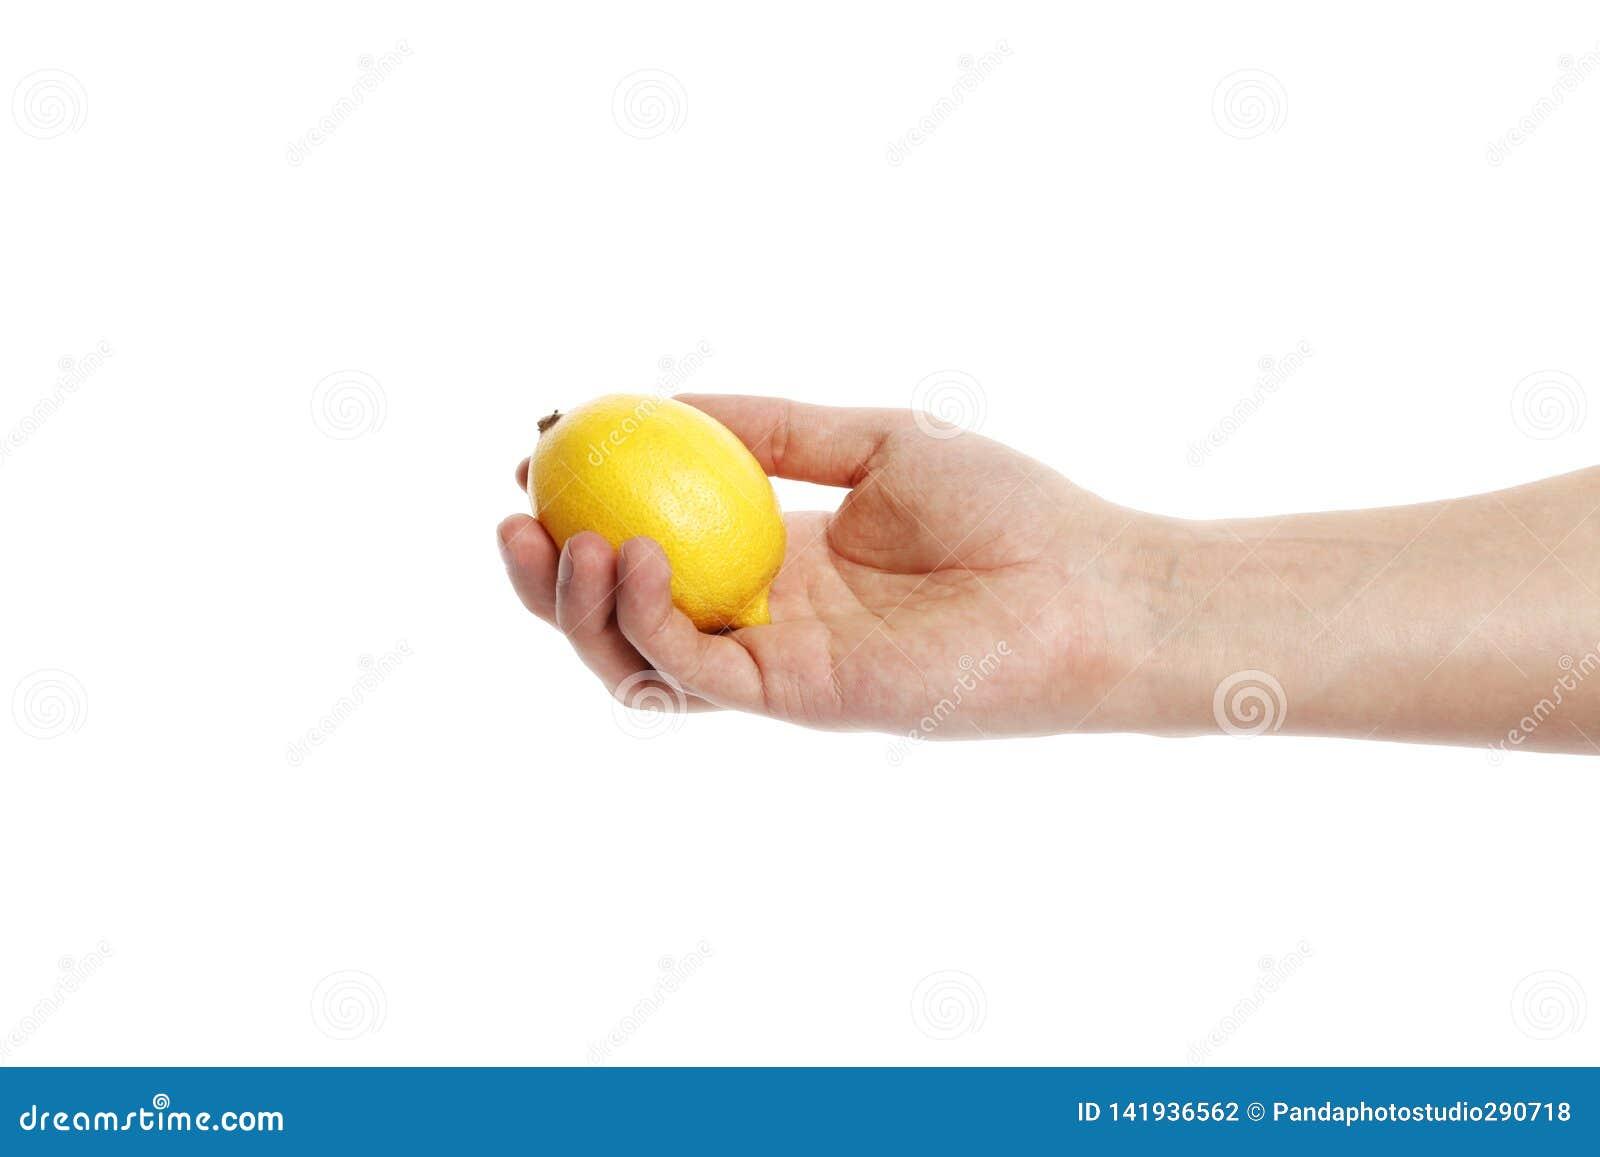 Limone a disposizione isolato su un fondo bianco